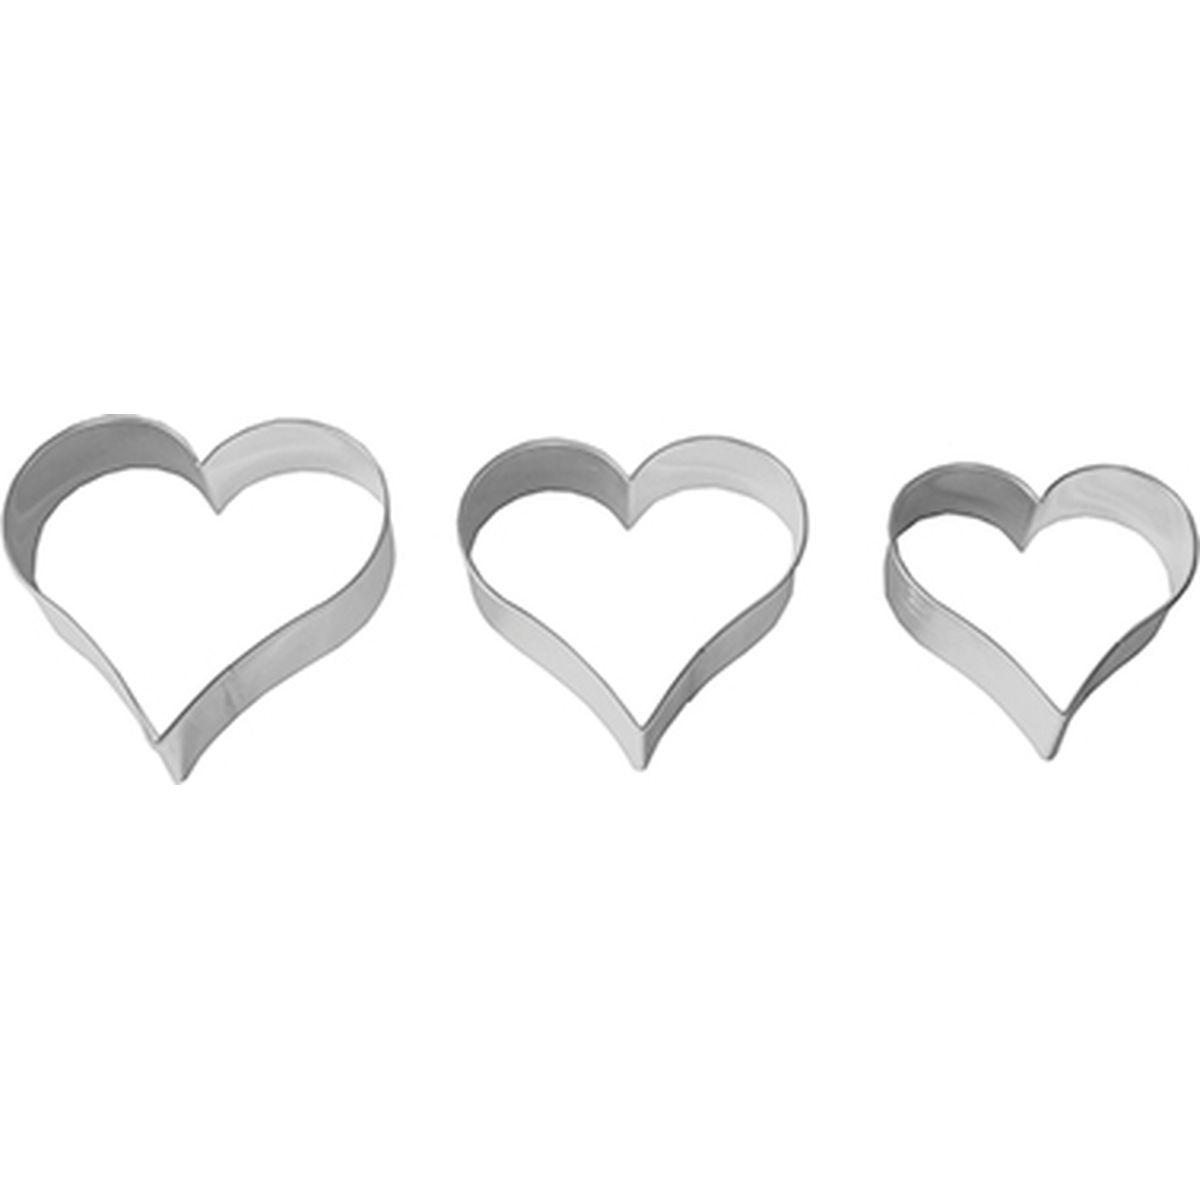 Set de 3 emporte-pièces coeur en inox 4, 5.5 et 6.5 cm - Alice Délice